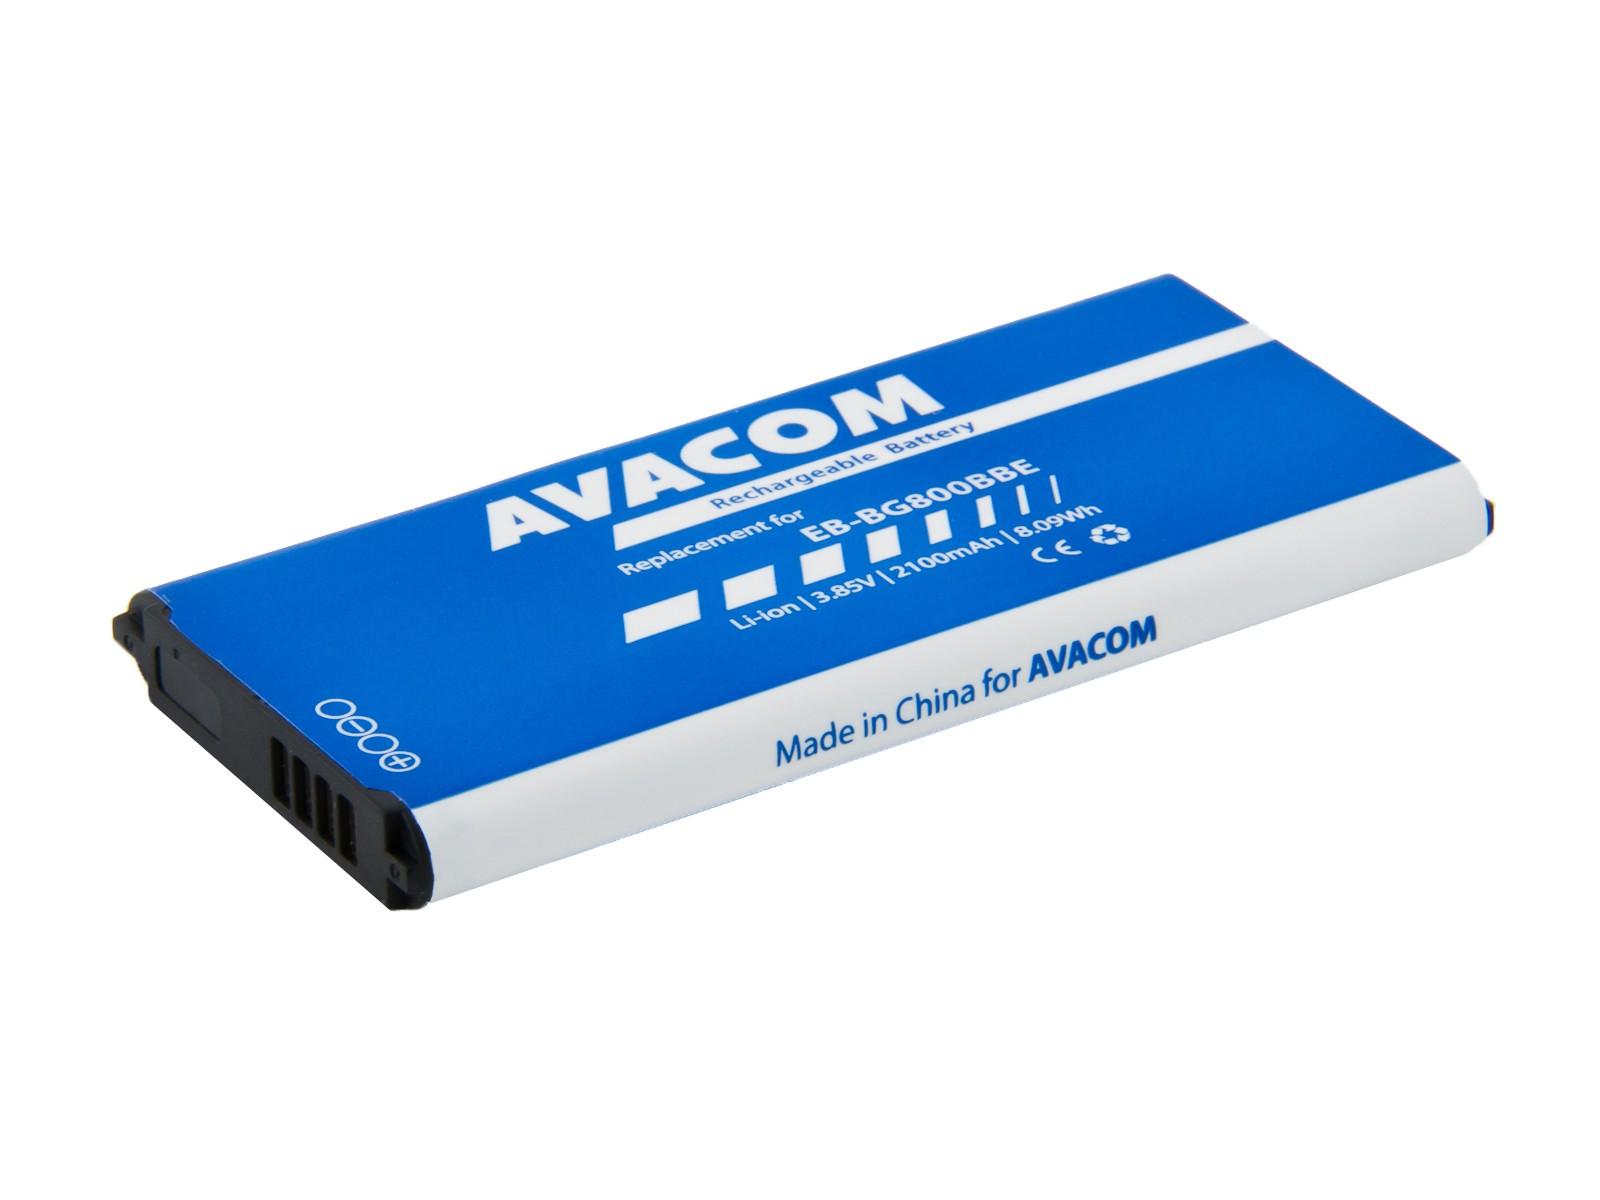 Baterie AVACOM GSSA-S5mini-2100 do mobilu Samsung Galaxy S5 mini Li-Ion 3,85V 2100mAh - GSSA-S5mini-2100